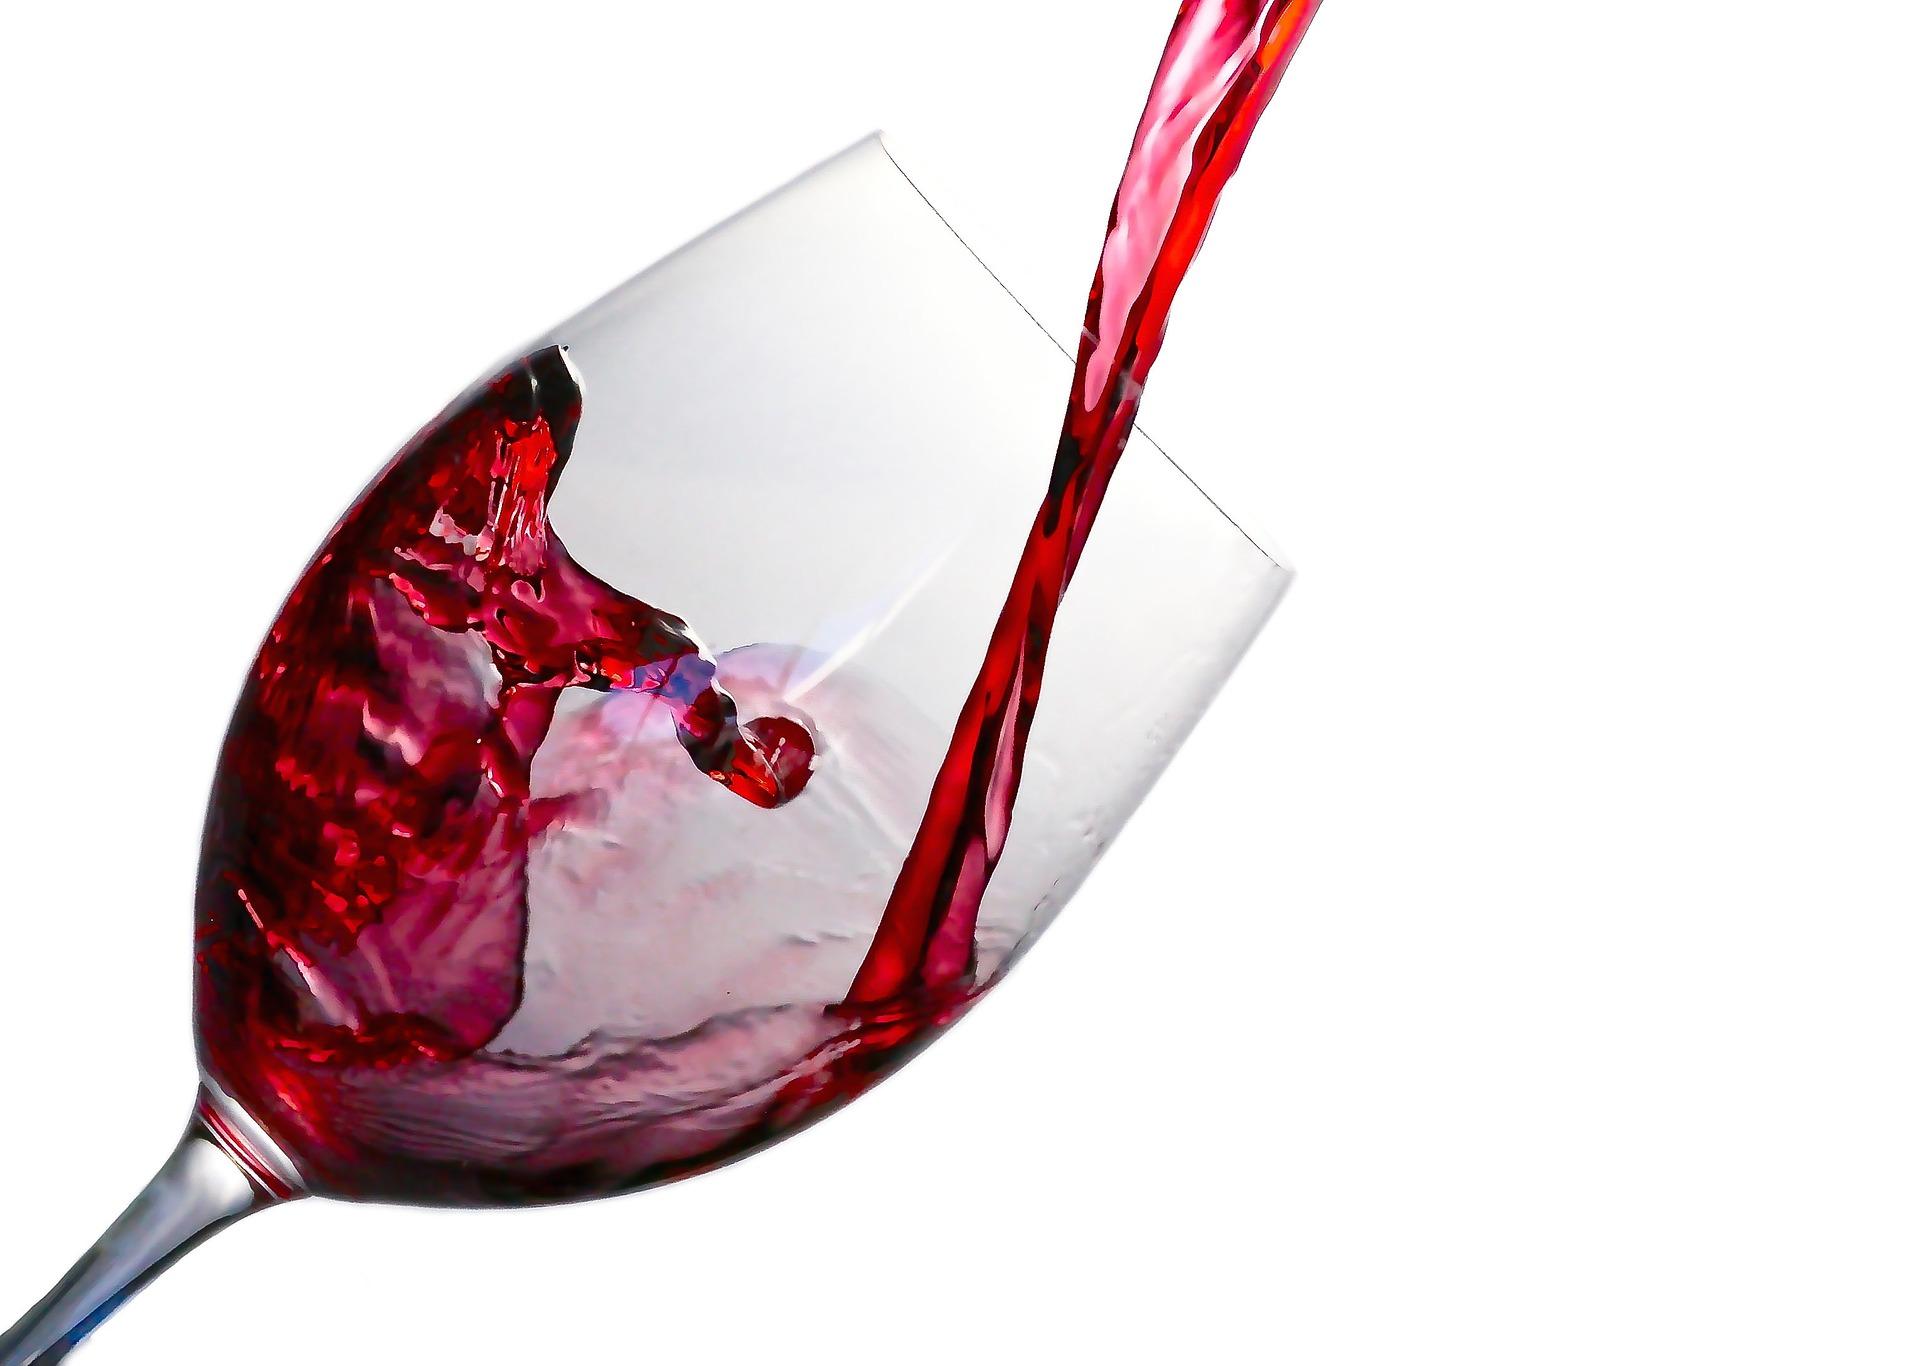 ČURUG: Noć mladog vina sledeće subote